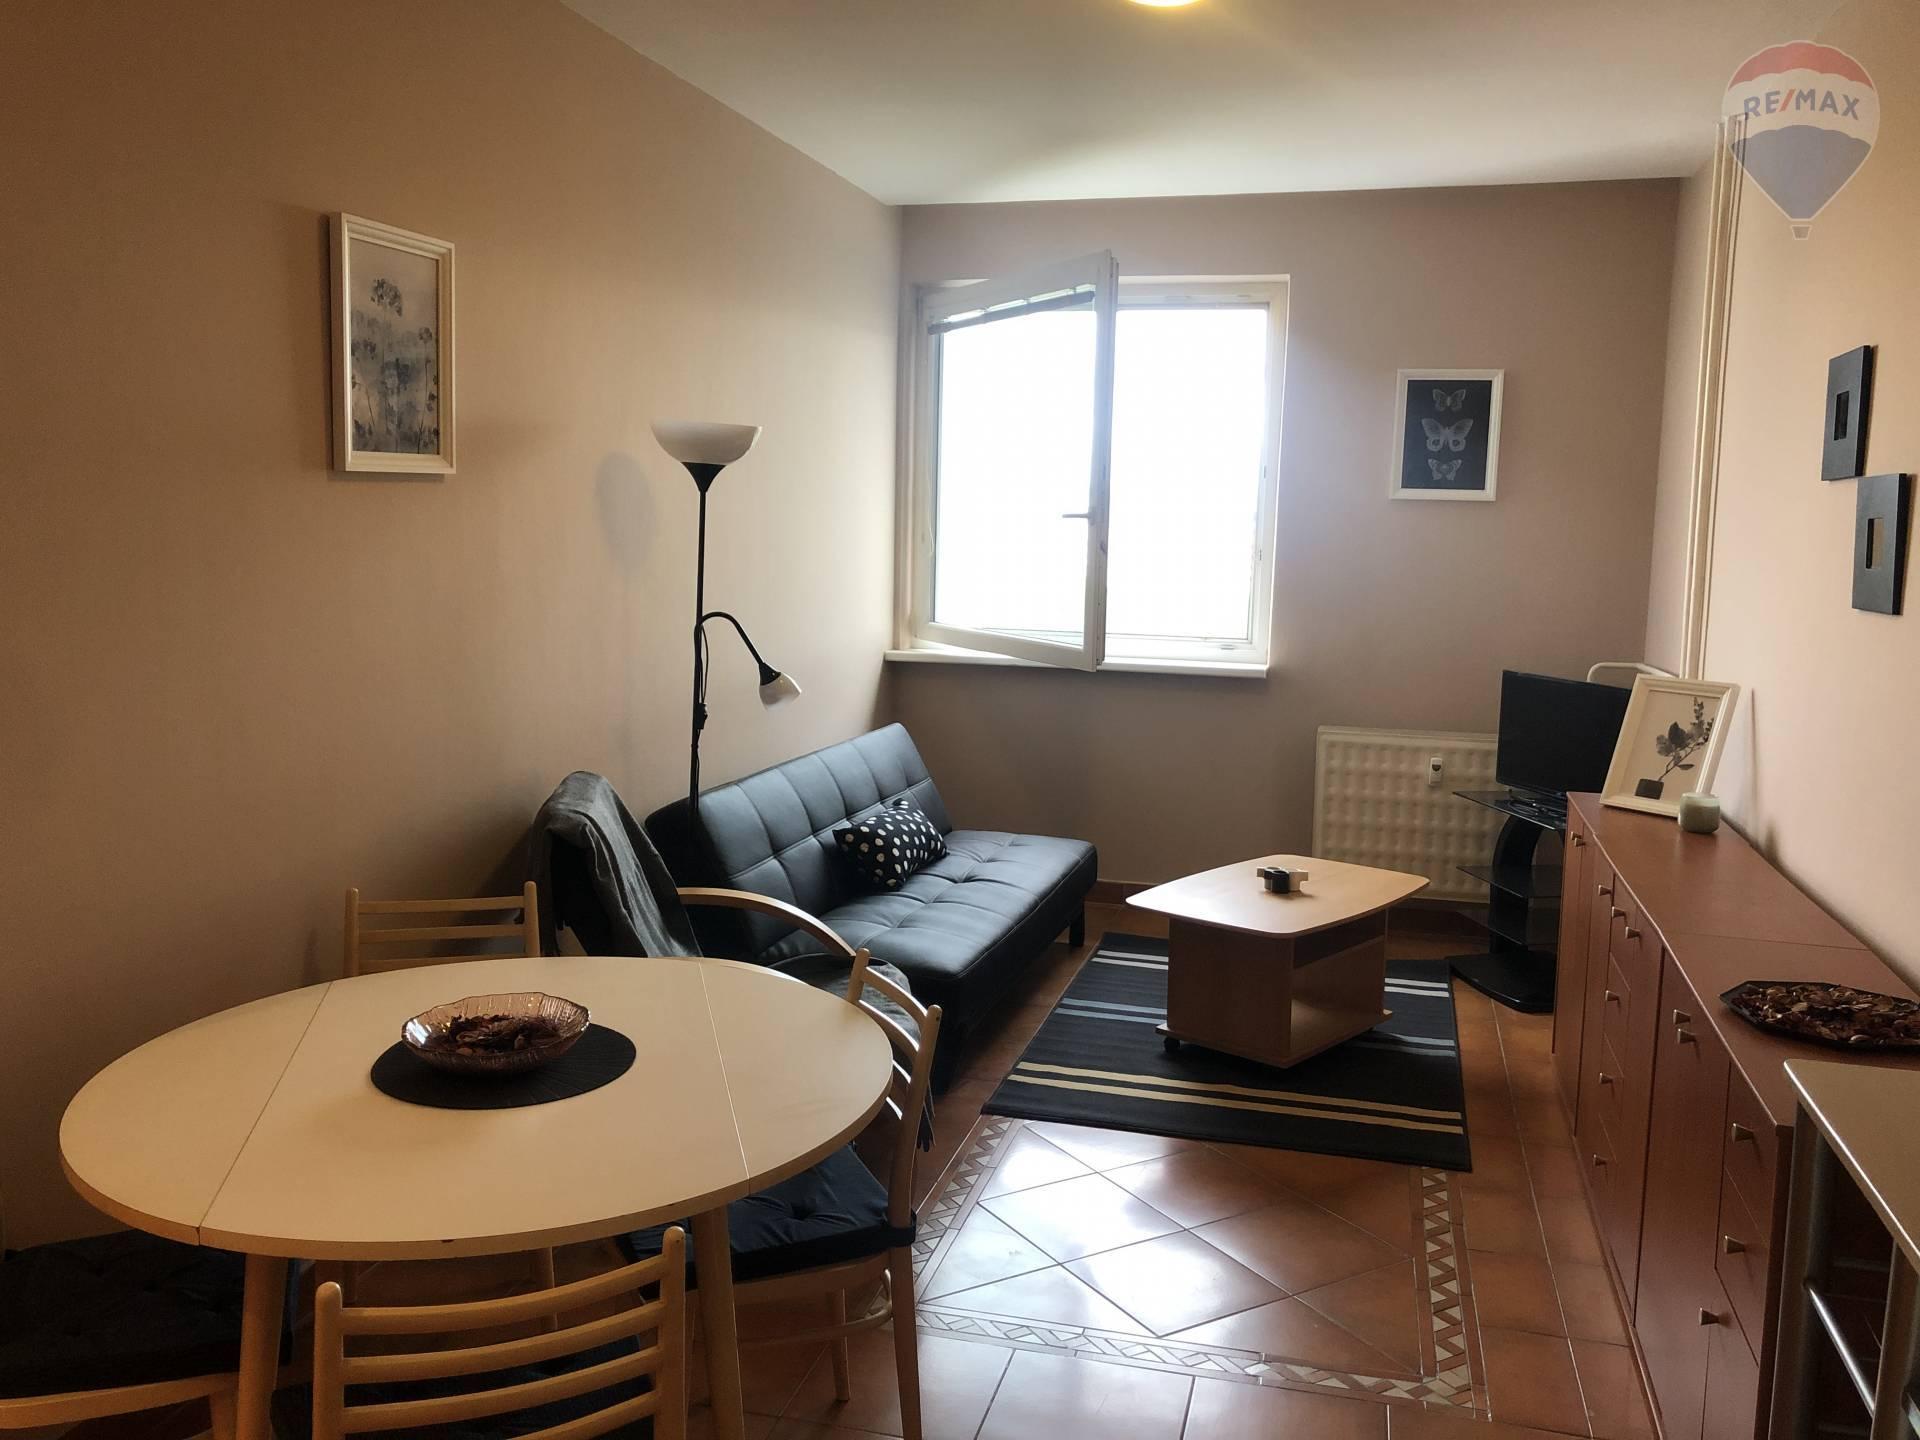 Predaj bytu (1 izbový) 40 m2, Bratislava - Vrakuňa - obývacia izba